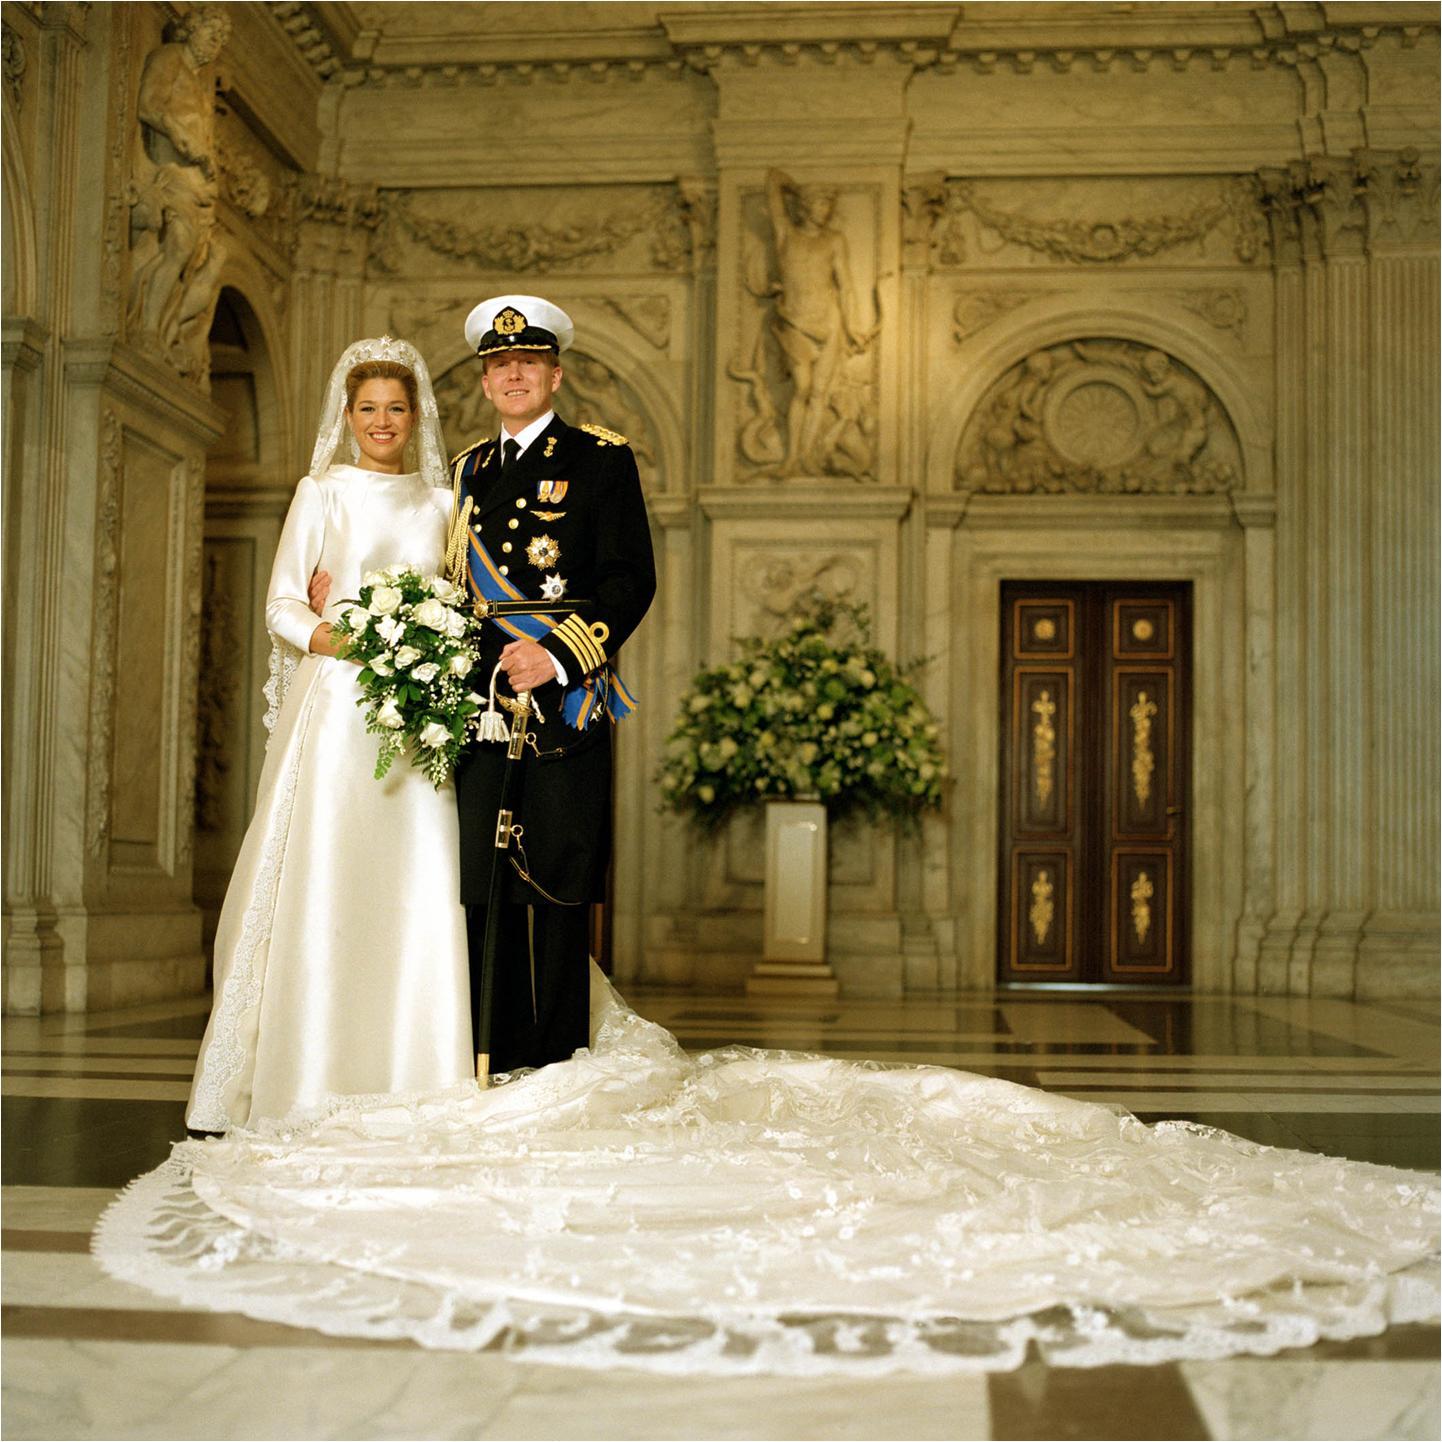 The royal order of sartorial splendor royal wedding of for Order wedding photos